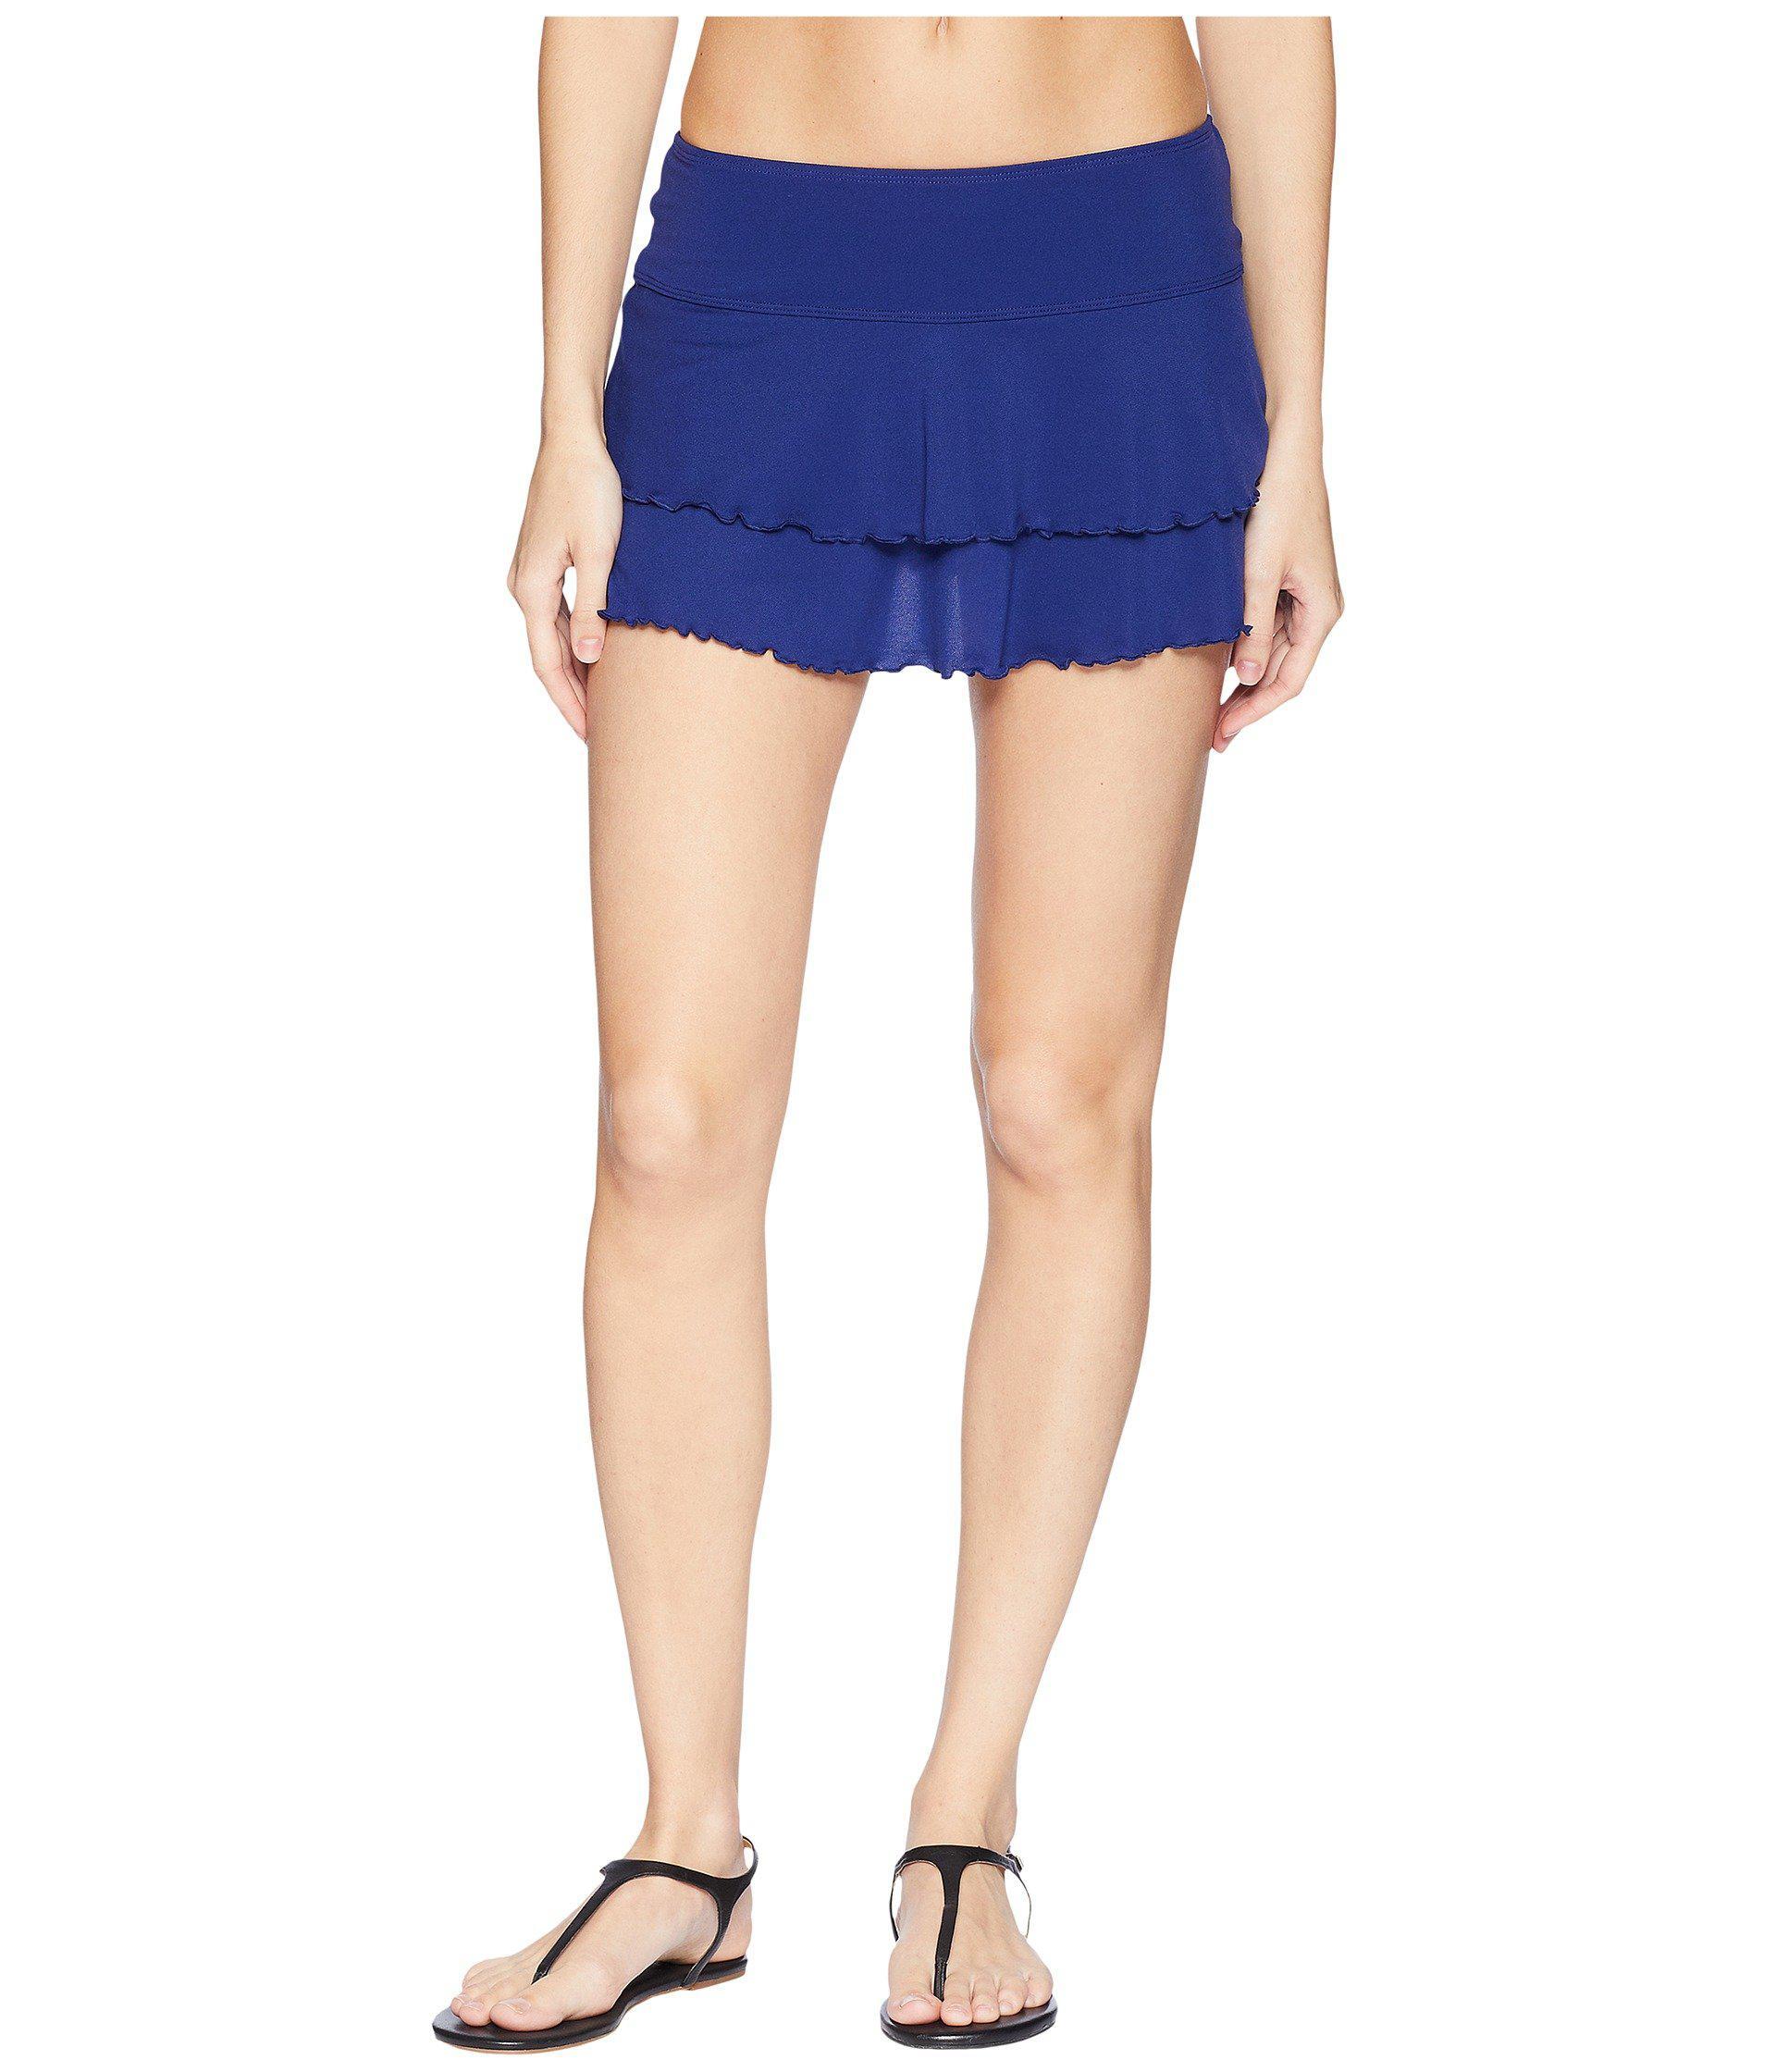 c60e04bf2 Lyst - Body Glove Smoothies Lambada Skirt (black) Women's Swimwear ...